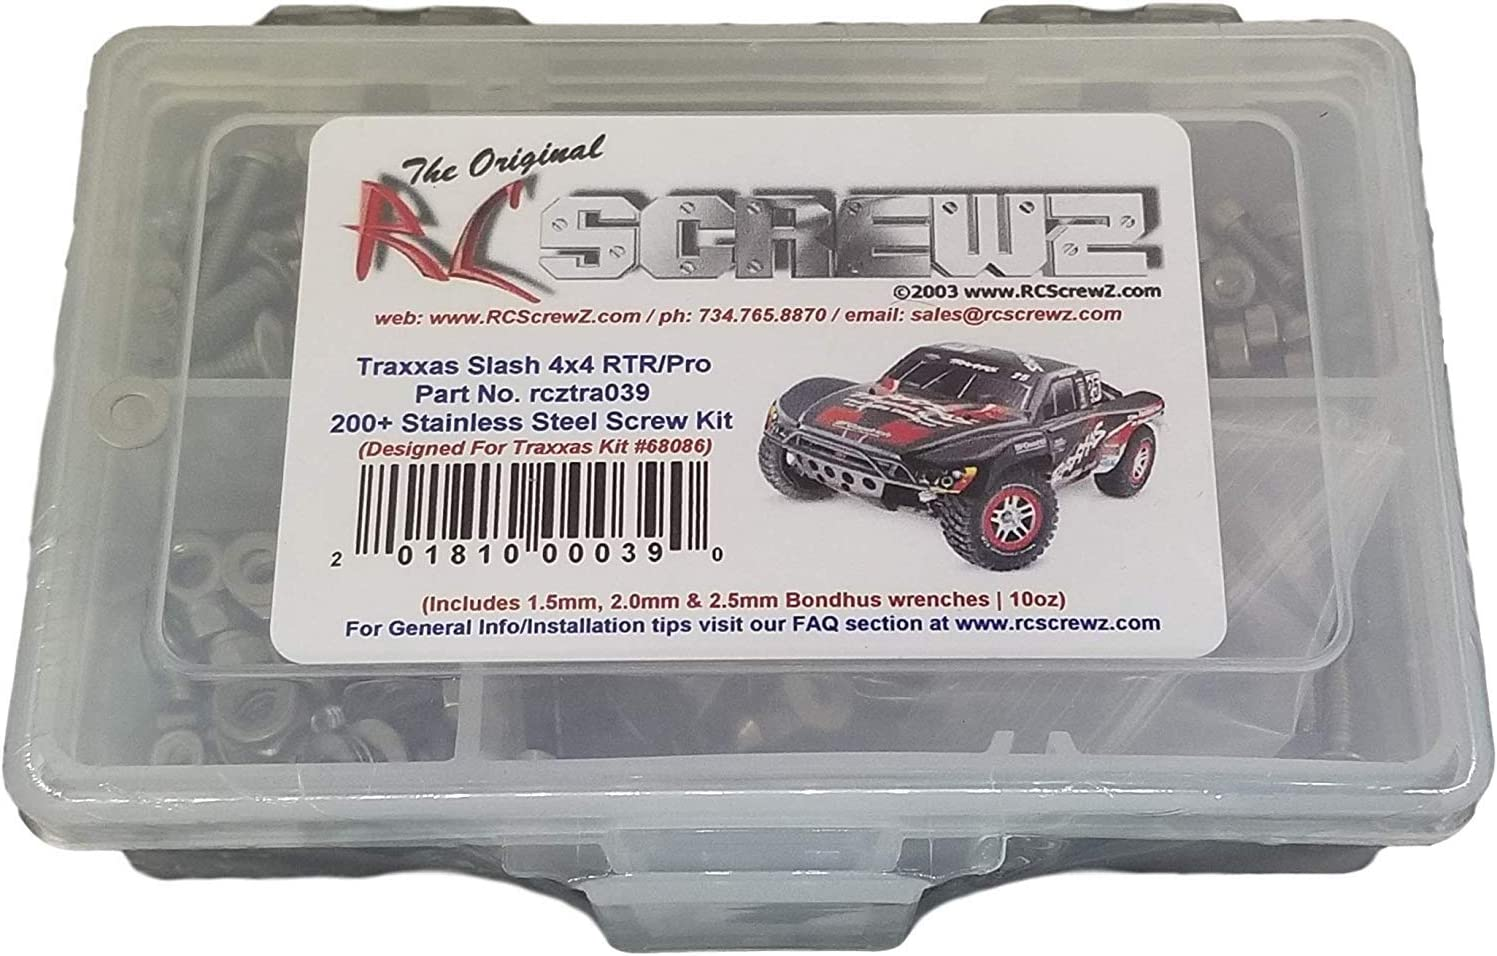 NEW RC Screwz Stainless Steel Screw Kit Traxxas E-Maxx TRA030 FREE US SHIP